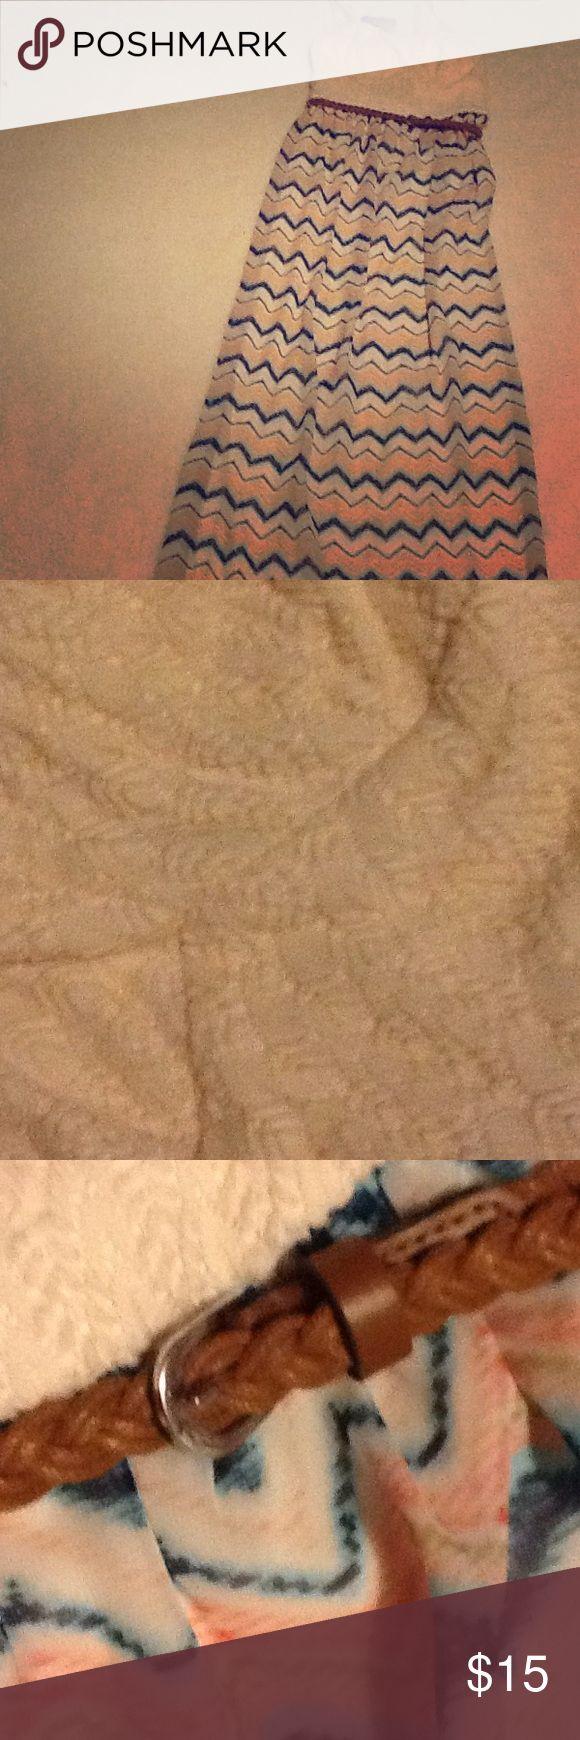 lily rose maxi dress lily rose maxi dress with a braided belt it has an